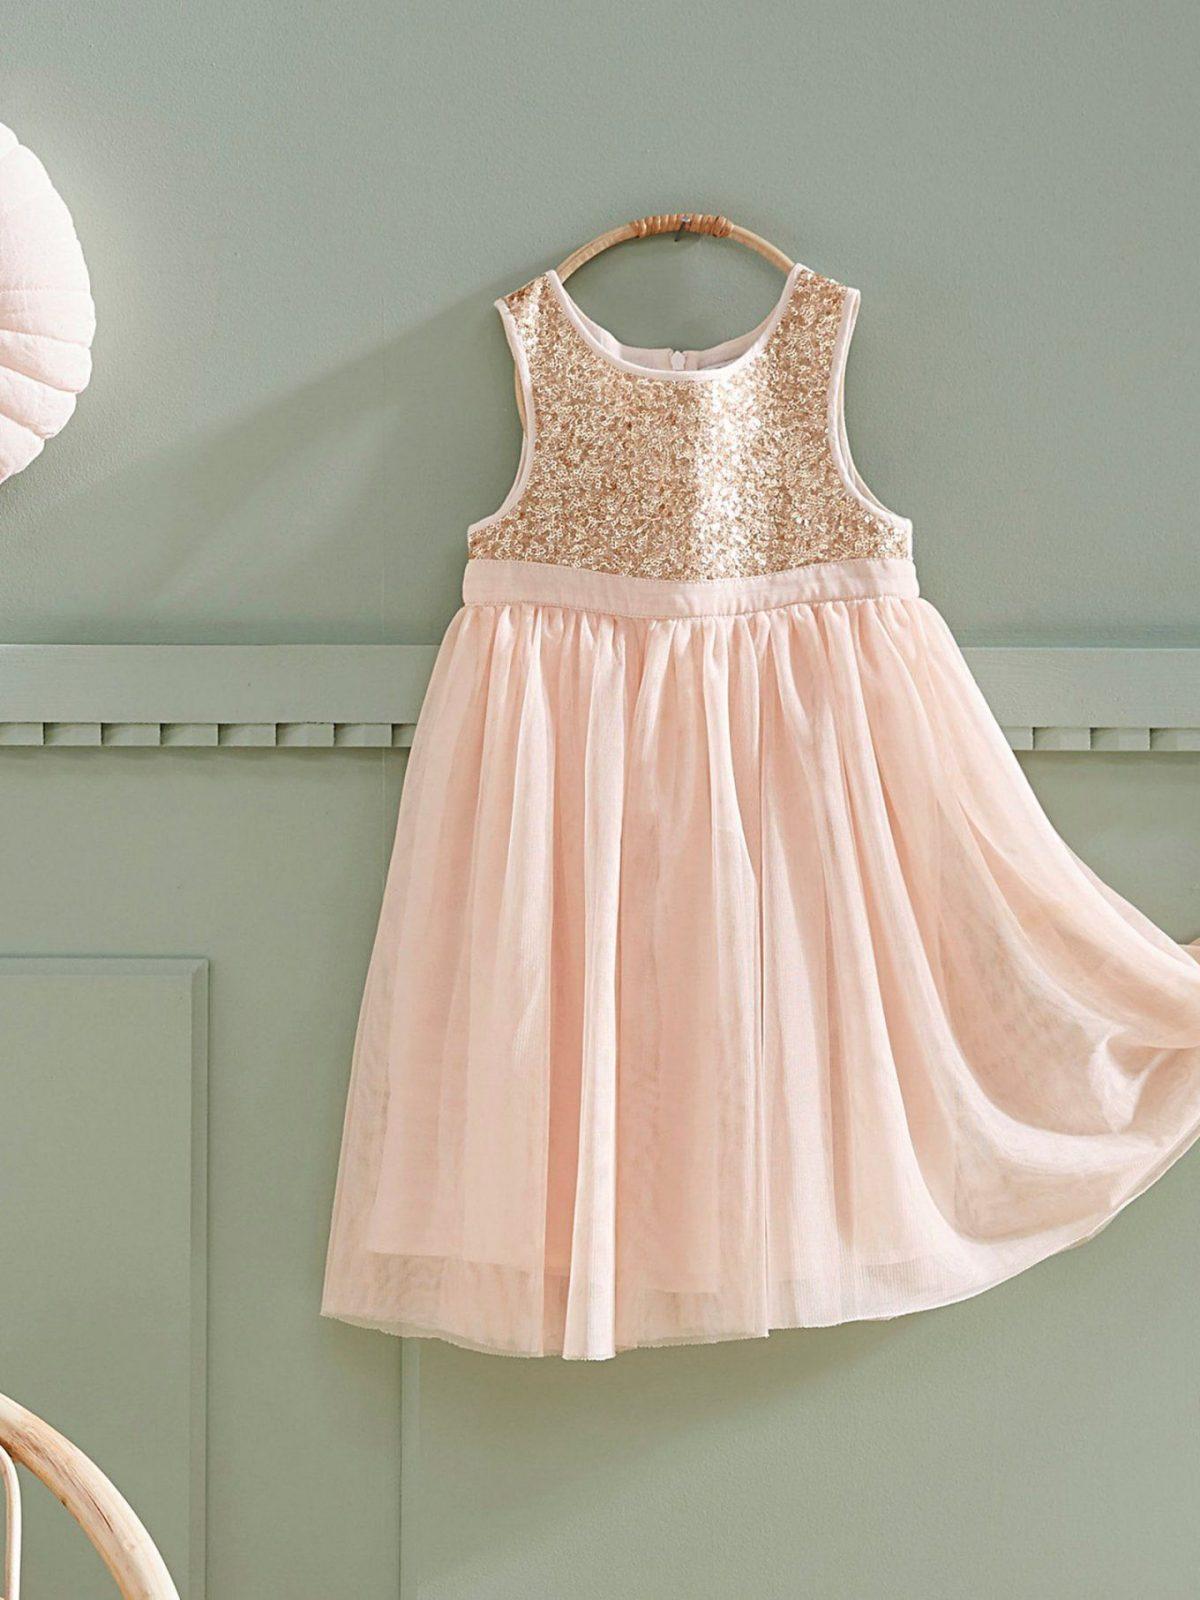 Bettwäsche Prinzessin Kleid Vivilinen Ziemlich Weich Prinzessin